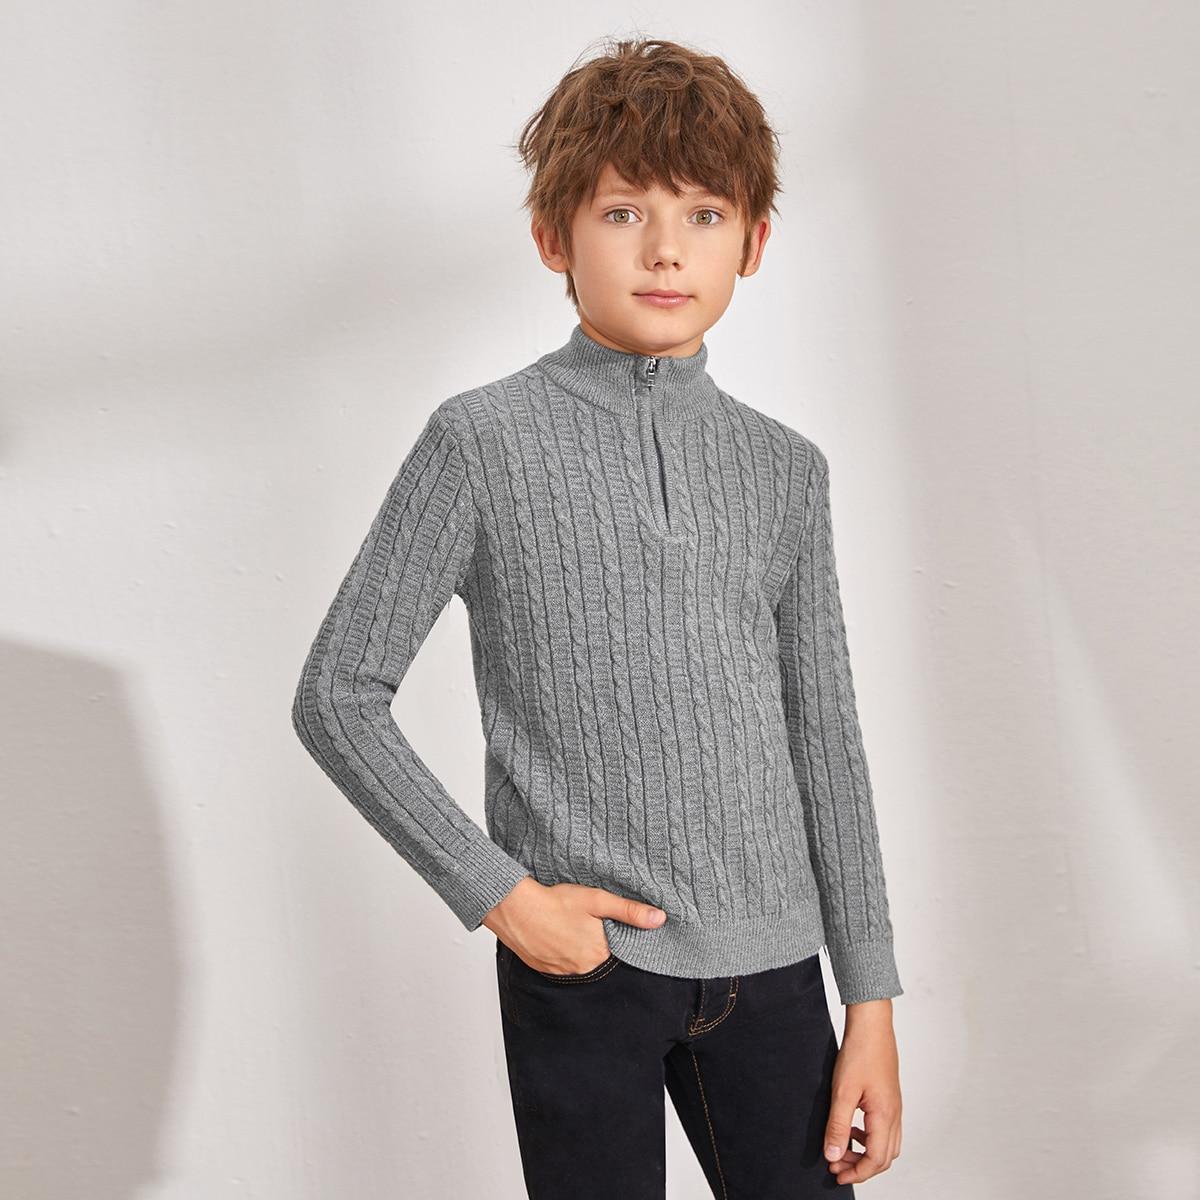 Трикотажный свитер на молнии для мальчиков